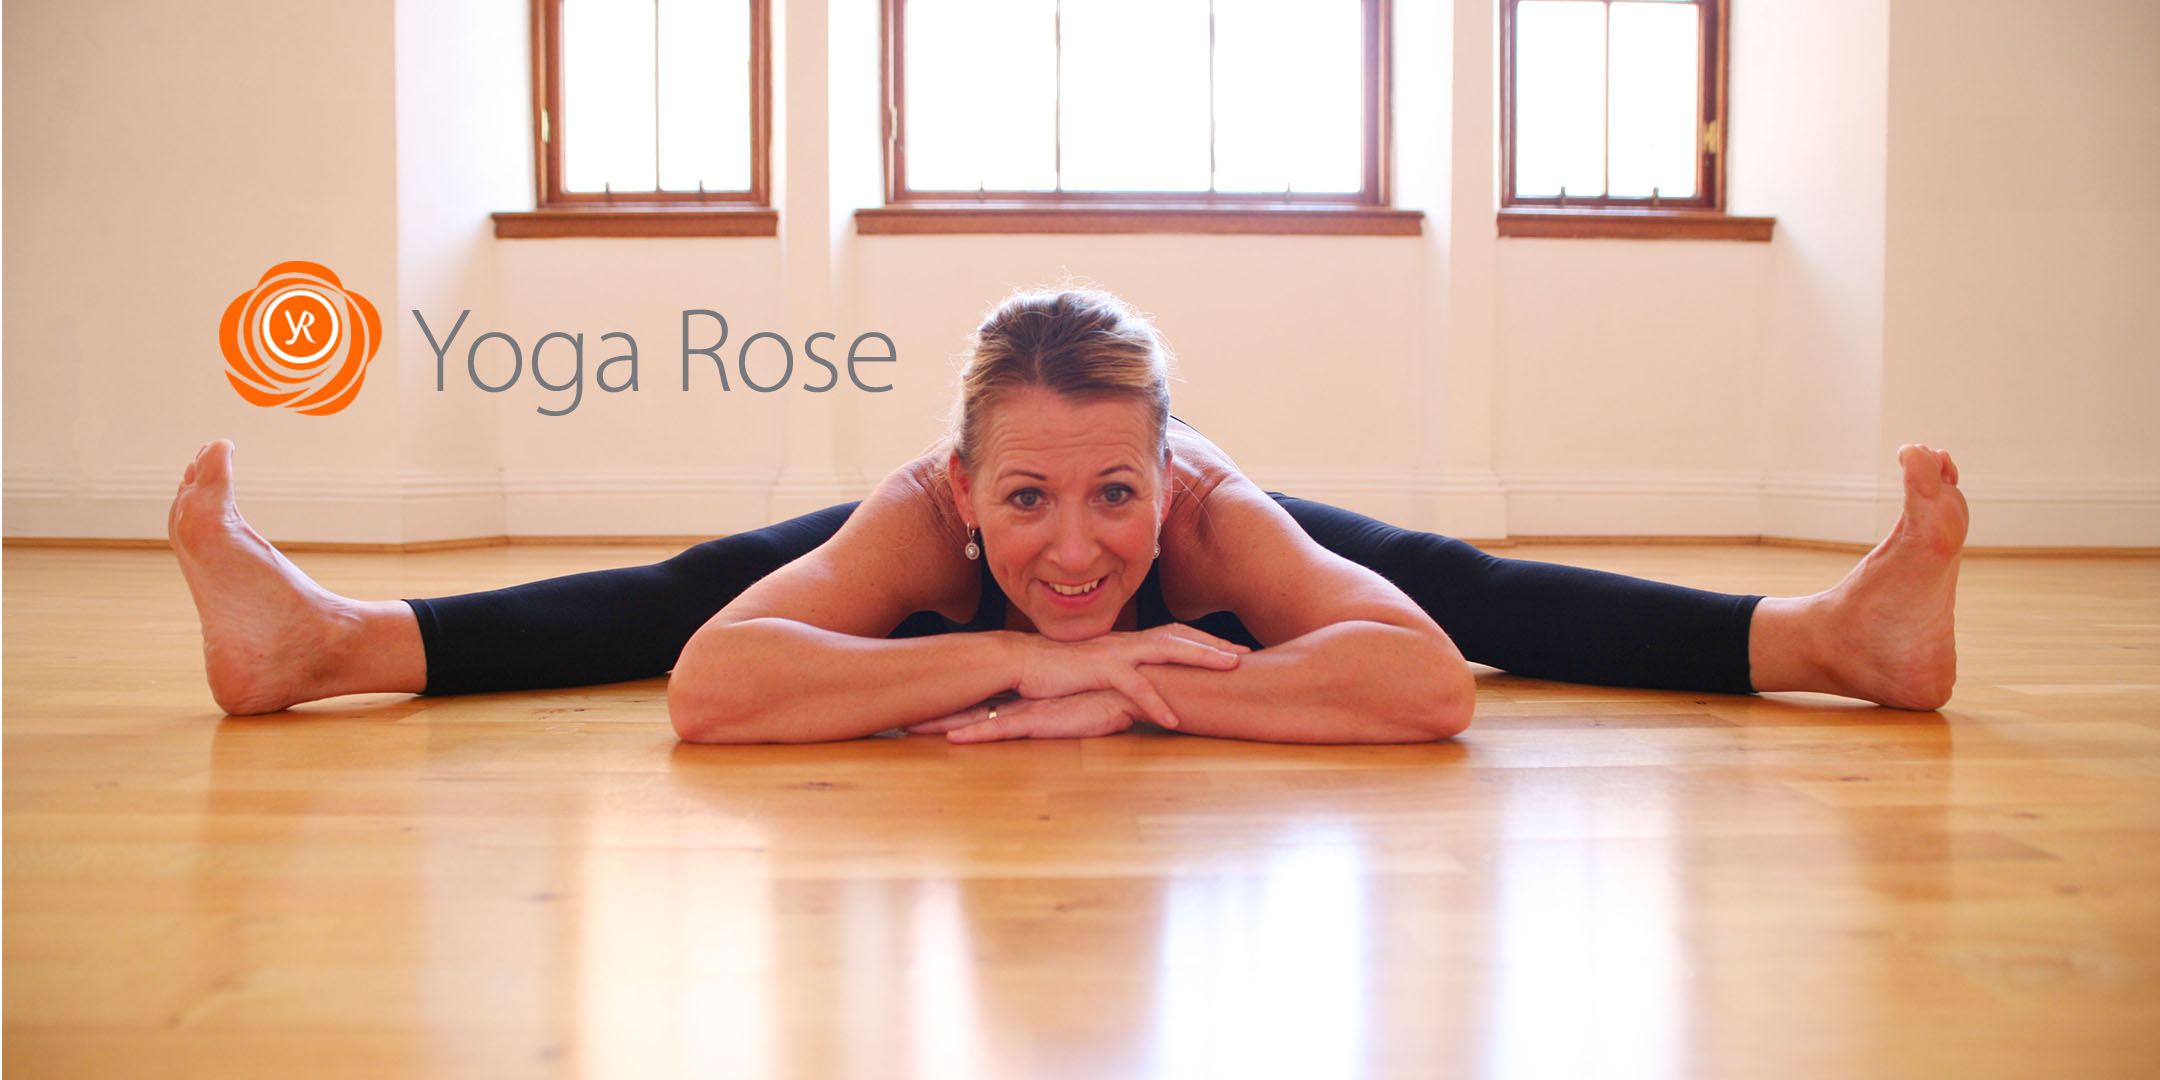 yoga backbending yoga rose